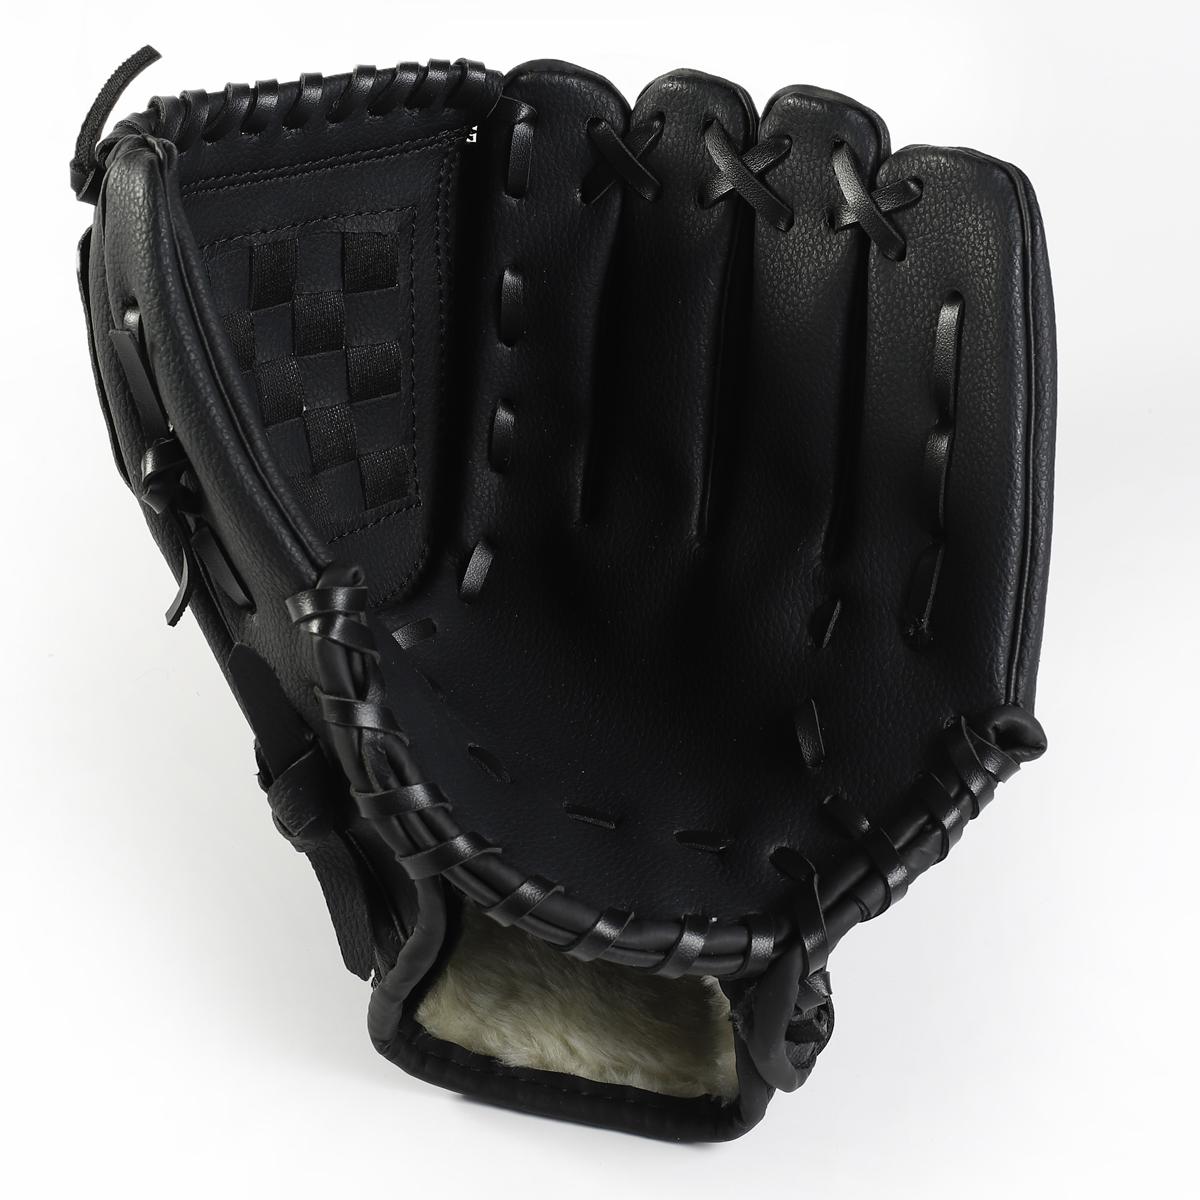 正品 加厚 内野投手棒球手套 垒球手套 儿童少年成人全款包邮